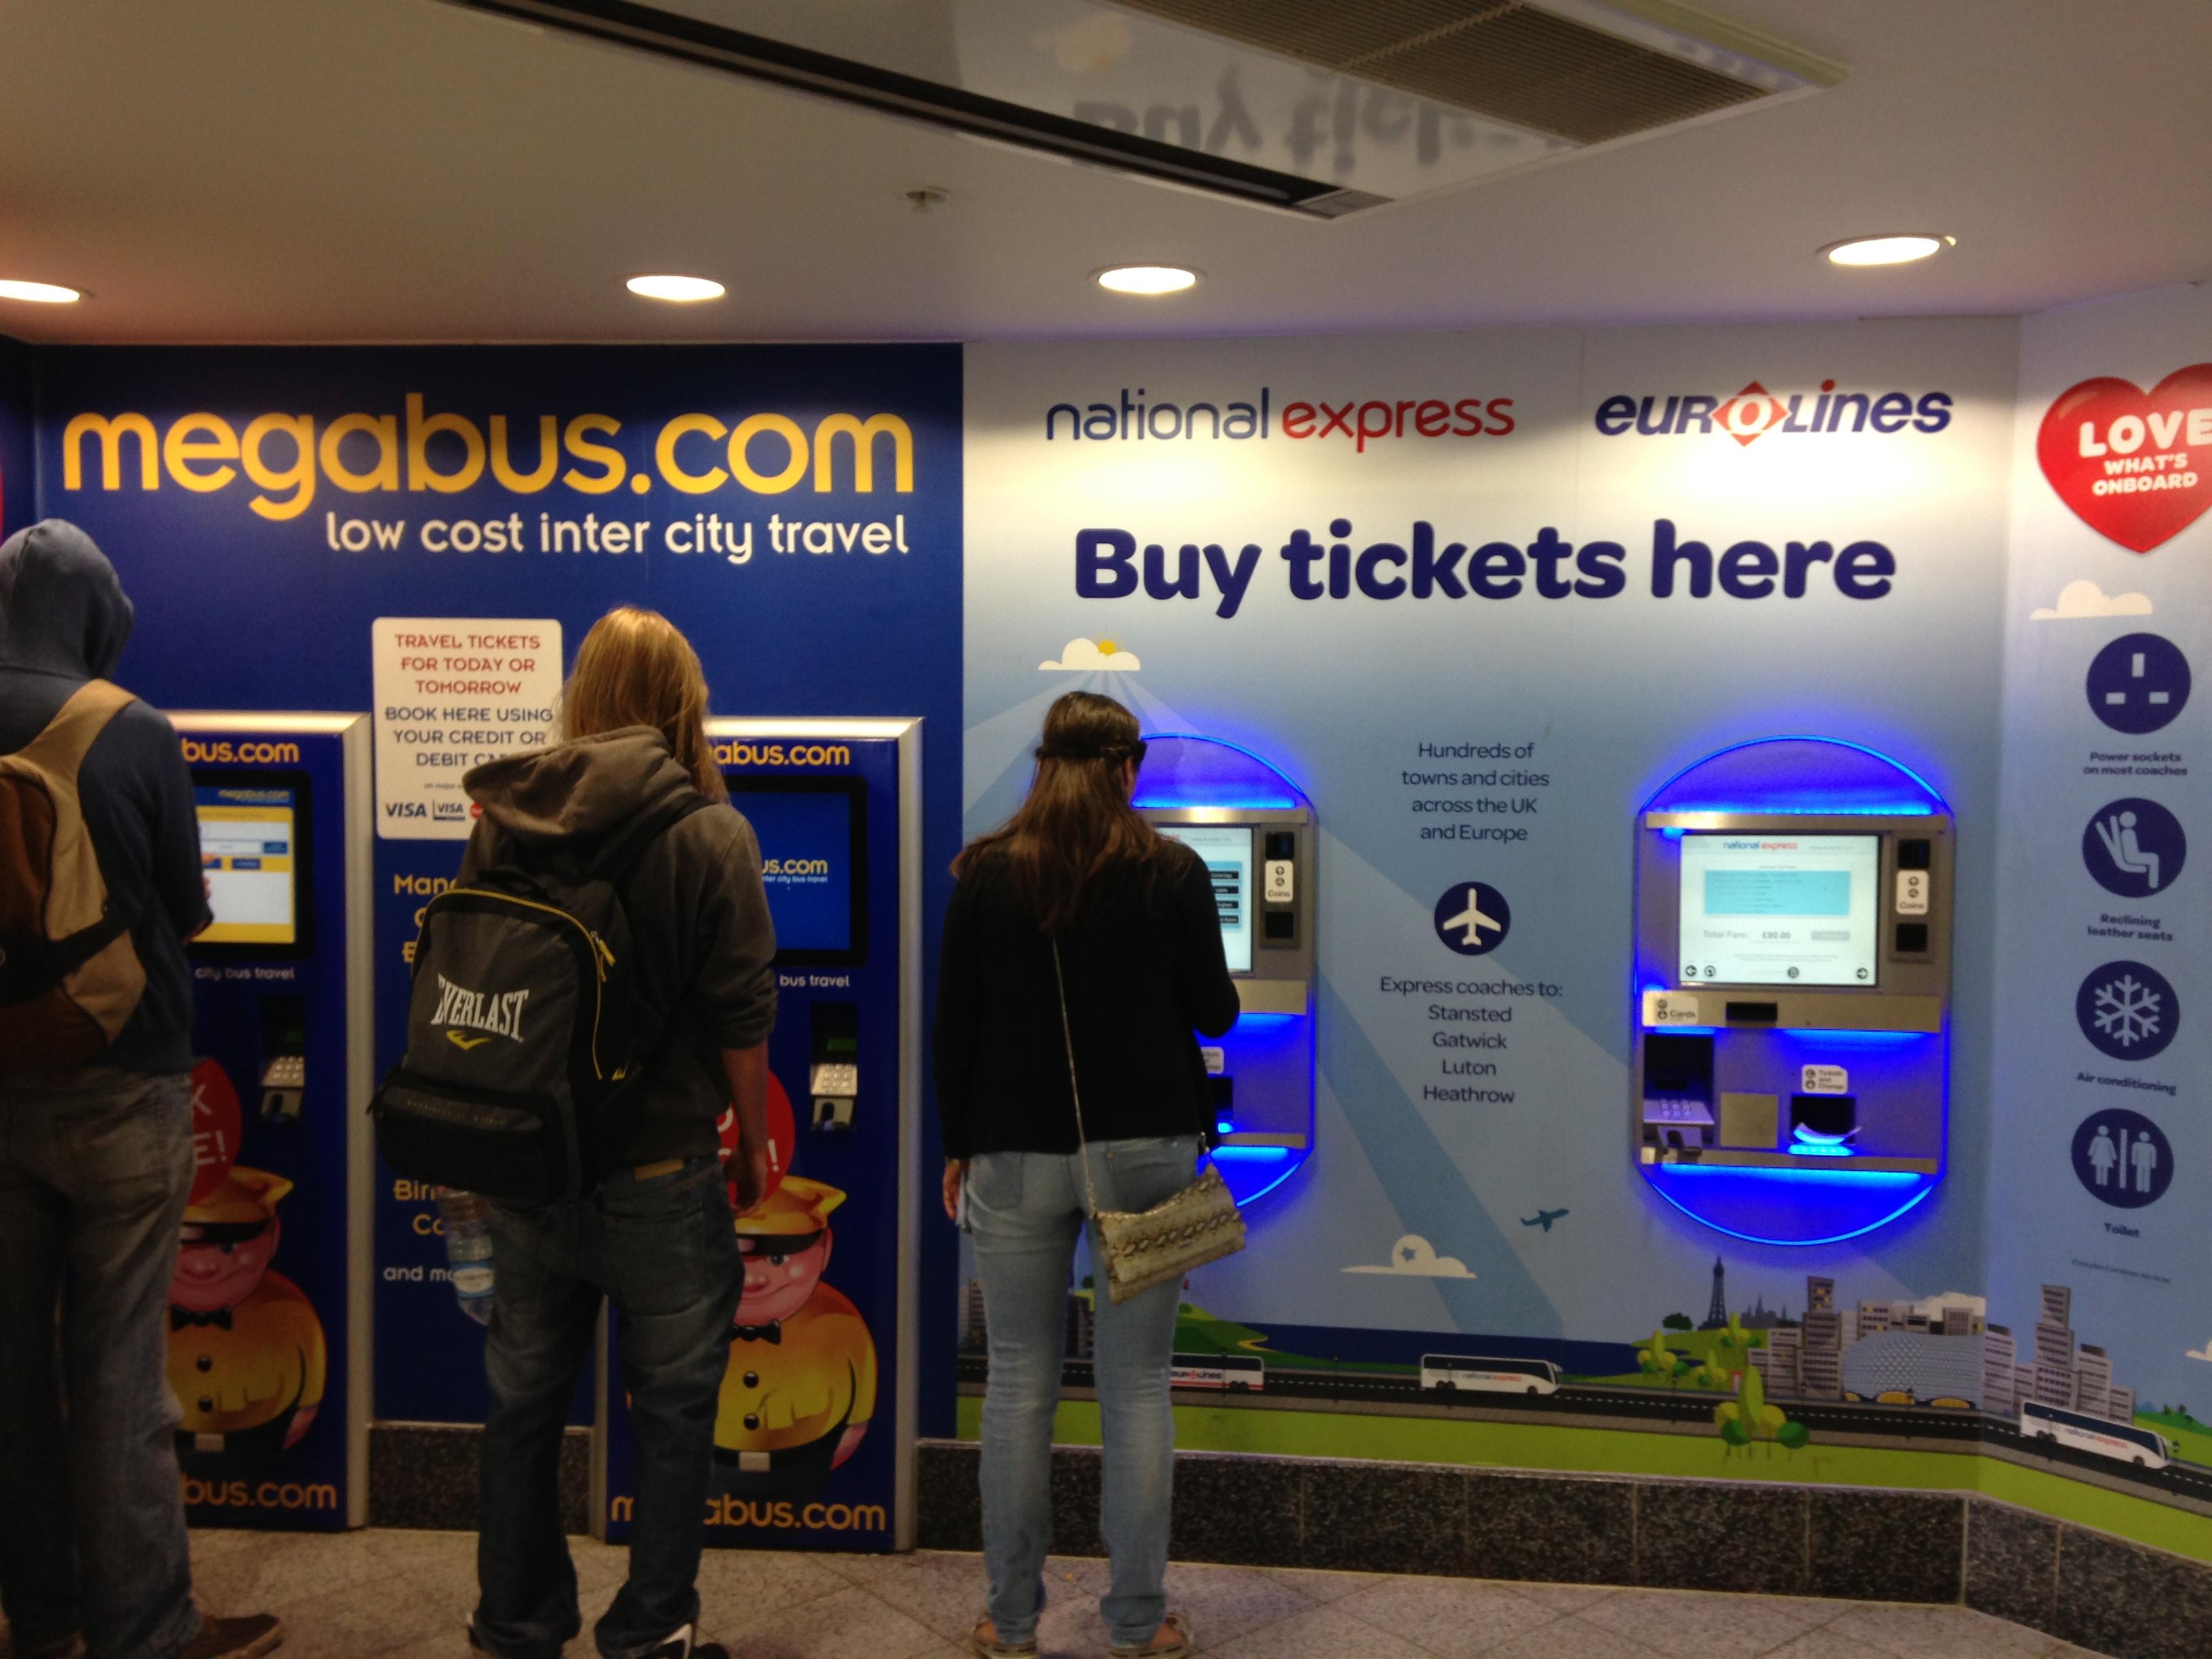 Автомат по продаже билетов на Megabus